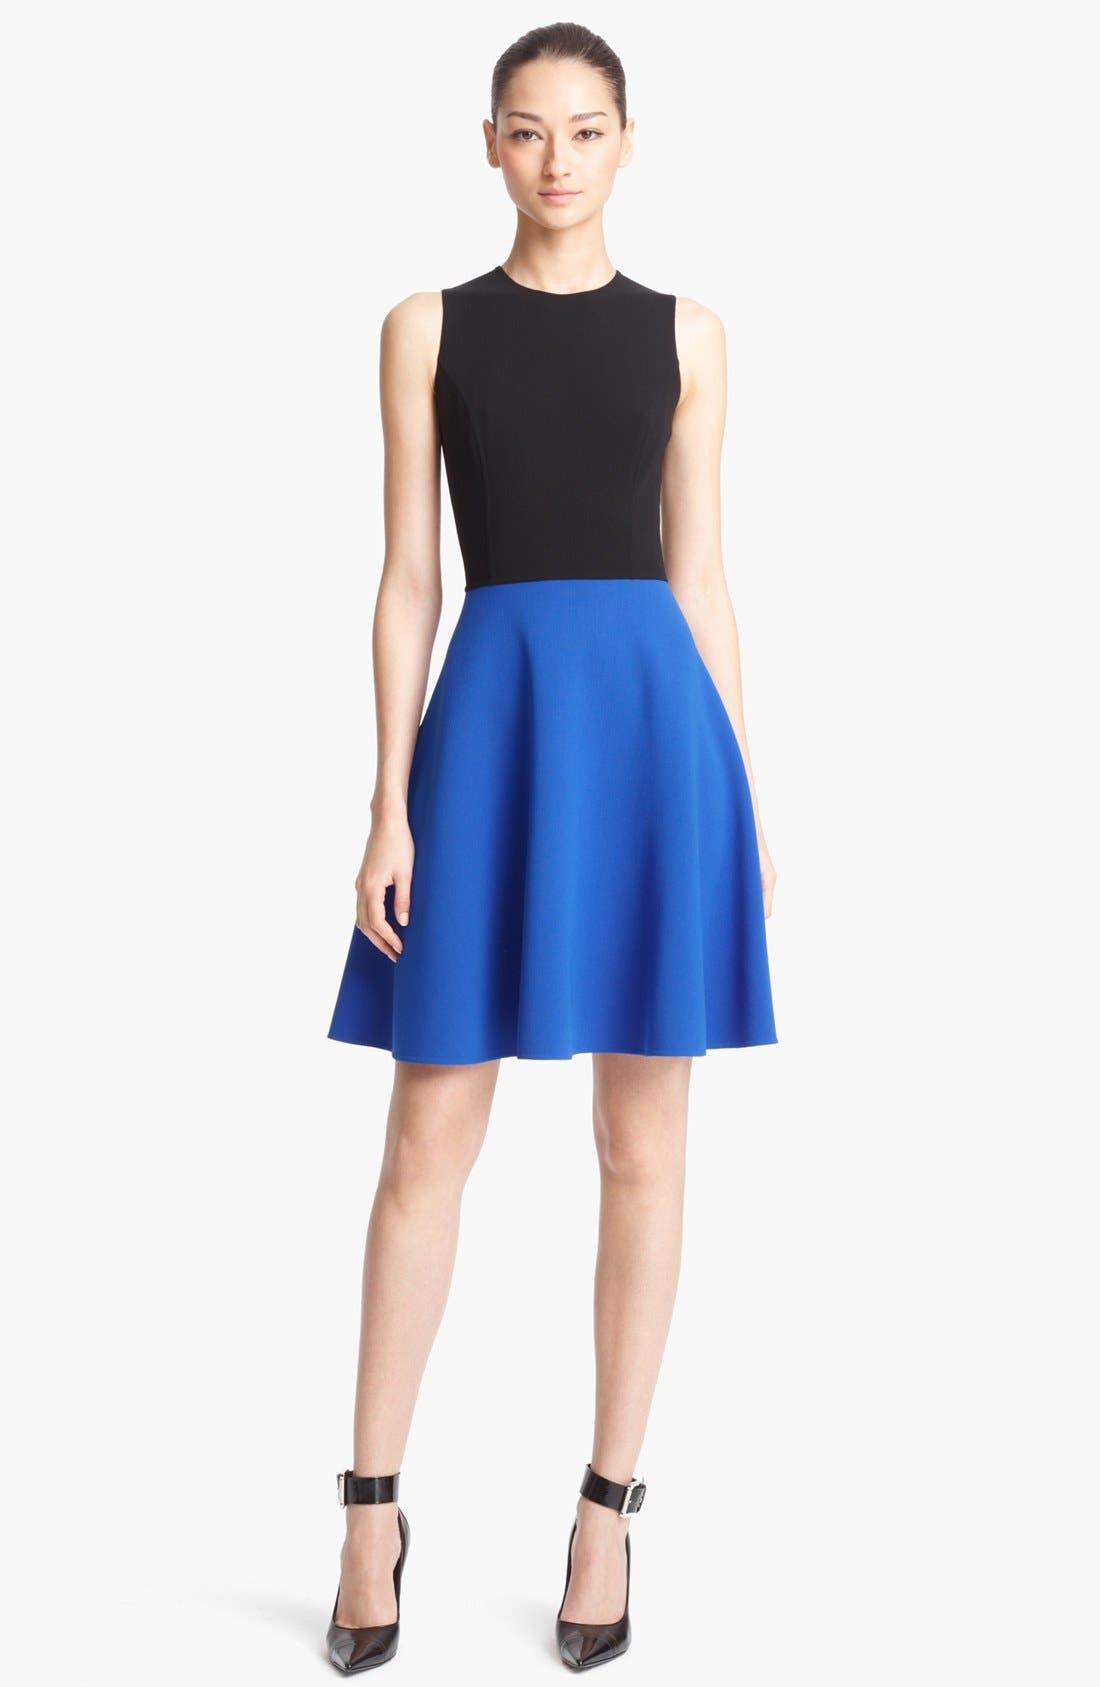 Alternate Image 1 Selected - Michael Kors Wool Crepe Dress